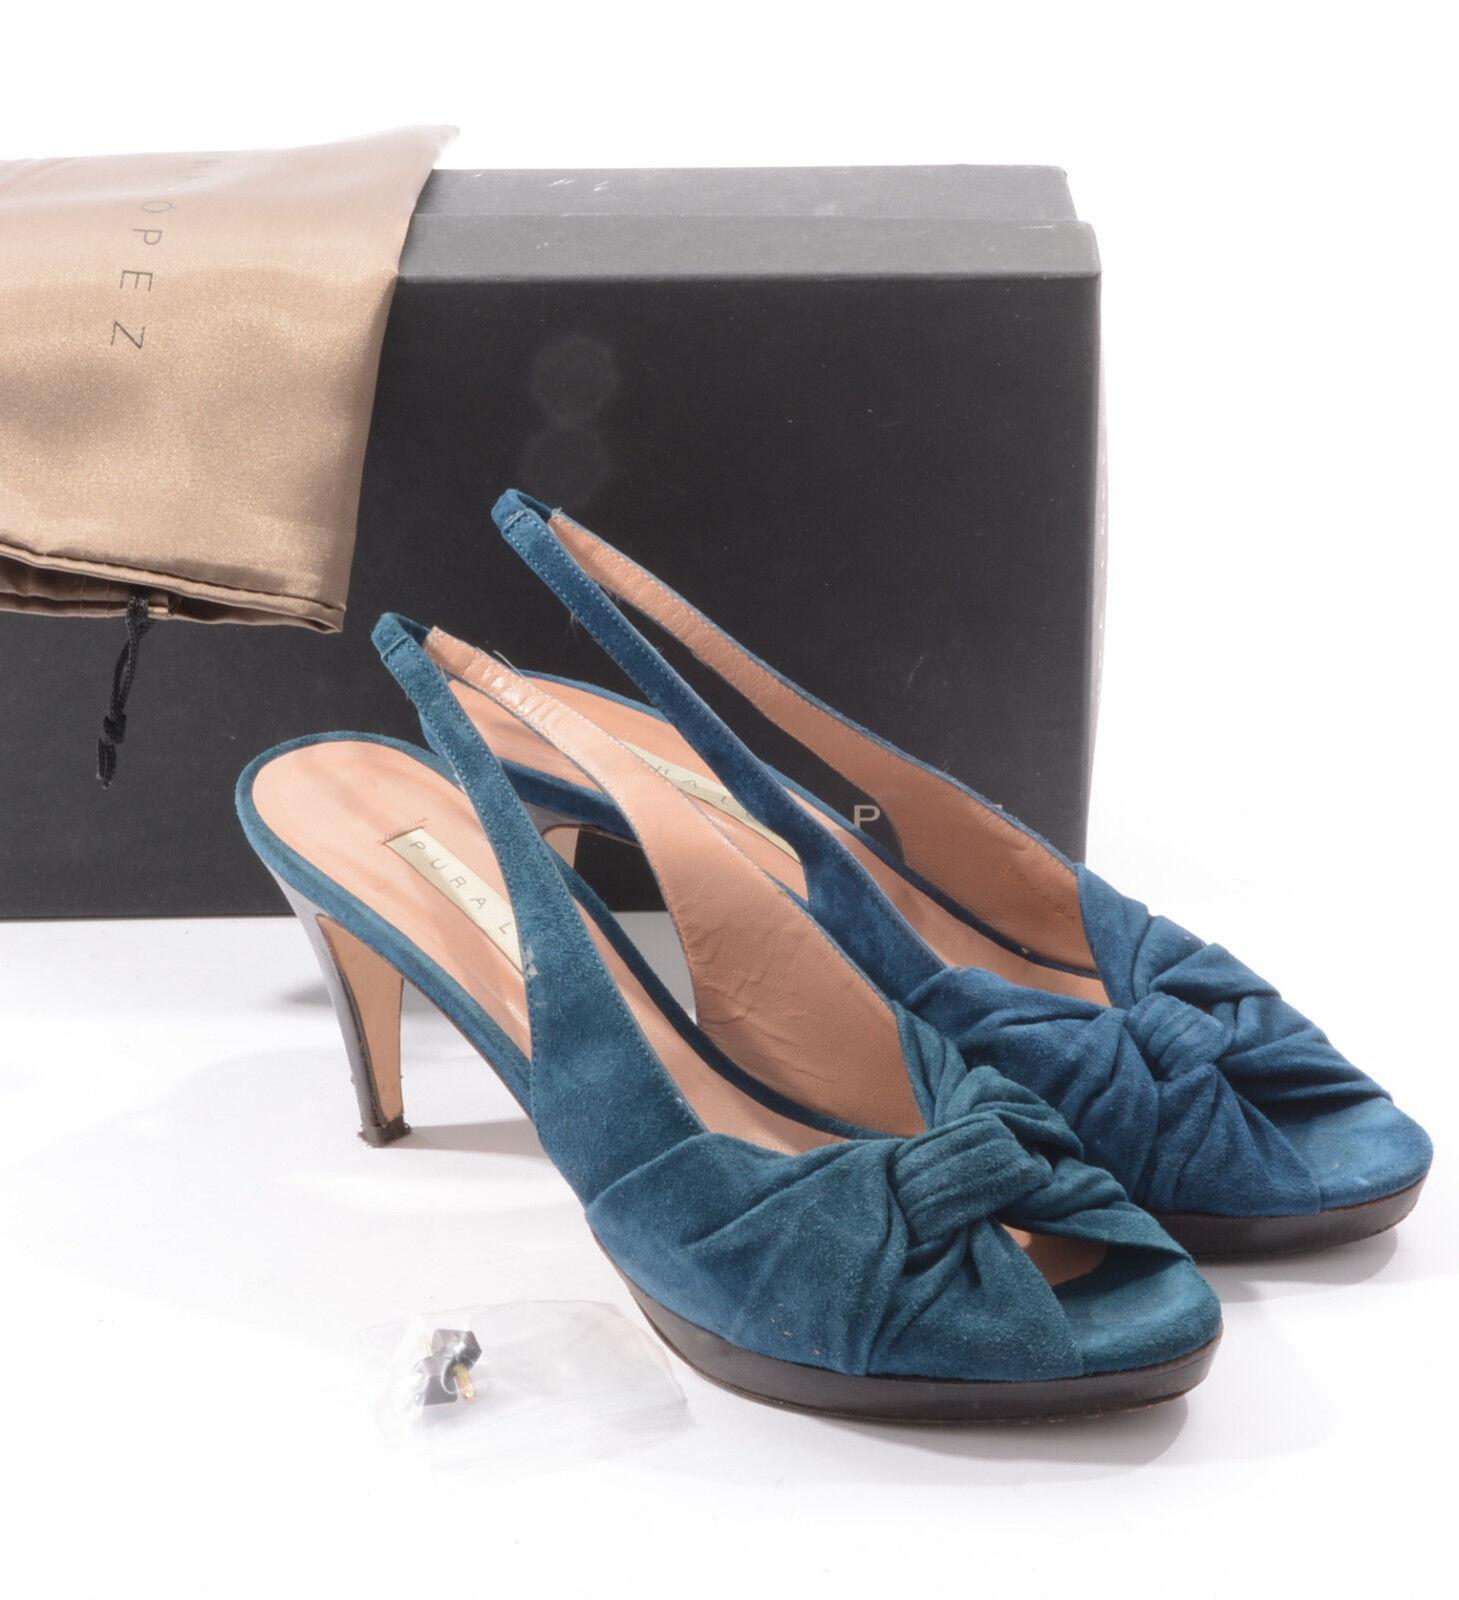 Pura blu Lopez scarpe sandali blu Pura pelle di velluto 42 taglia 42 velluto   1b5f51